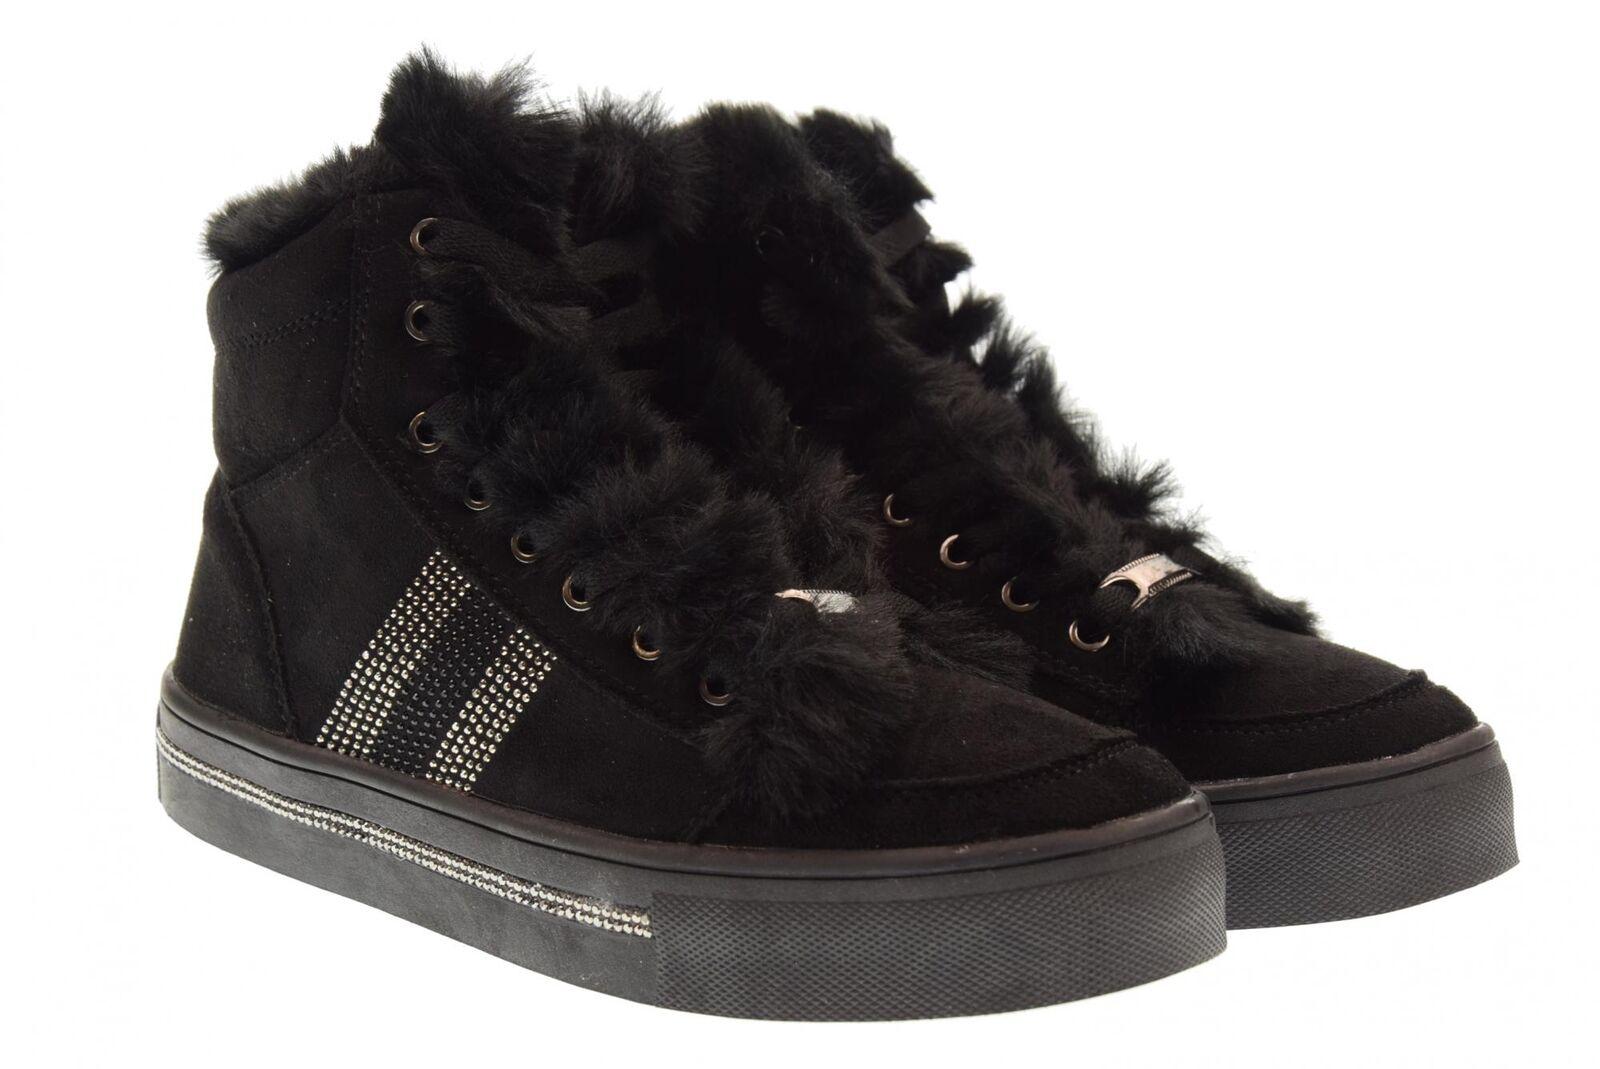 B3d Chaussures A18u Chaussures Femme Baskets High 41542 Noir